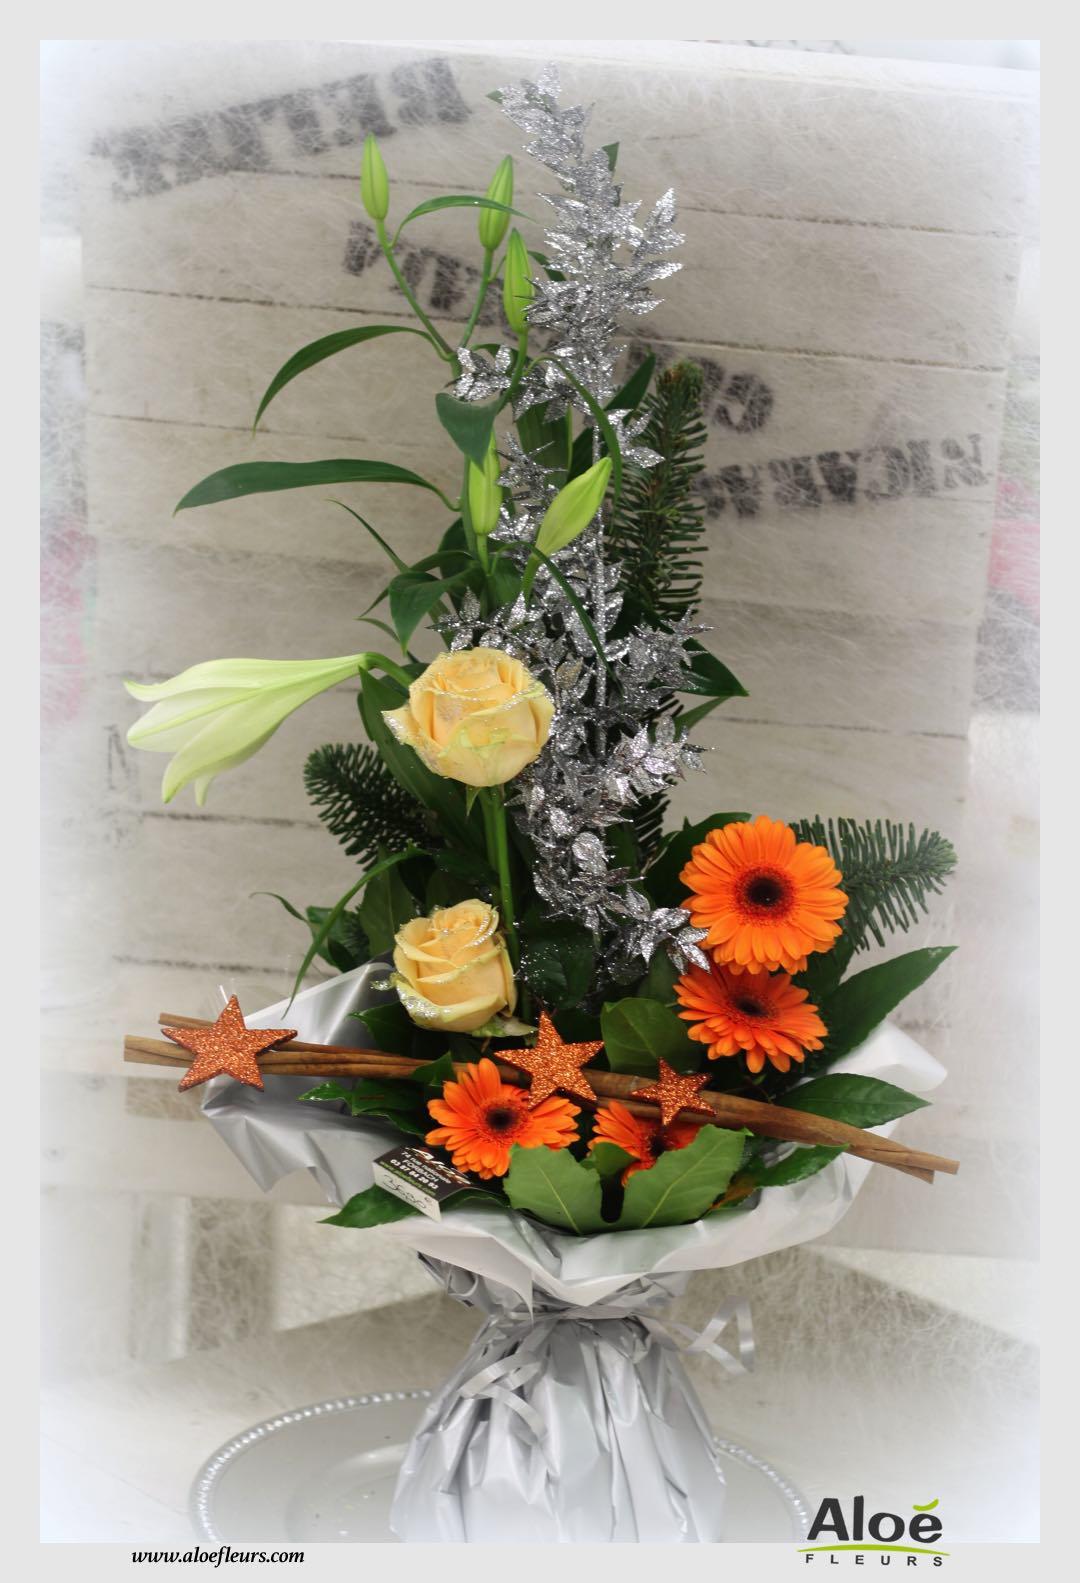 bouquet bulle d 39 eau d coration florale de noel alo fleurs1 aloe fleurs. Black Bedroom Furniture Sets. Home Design Ideas